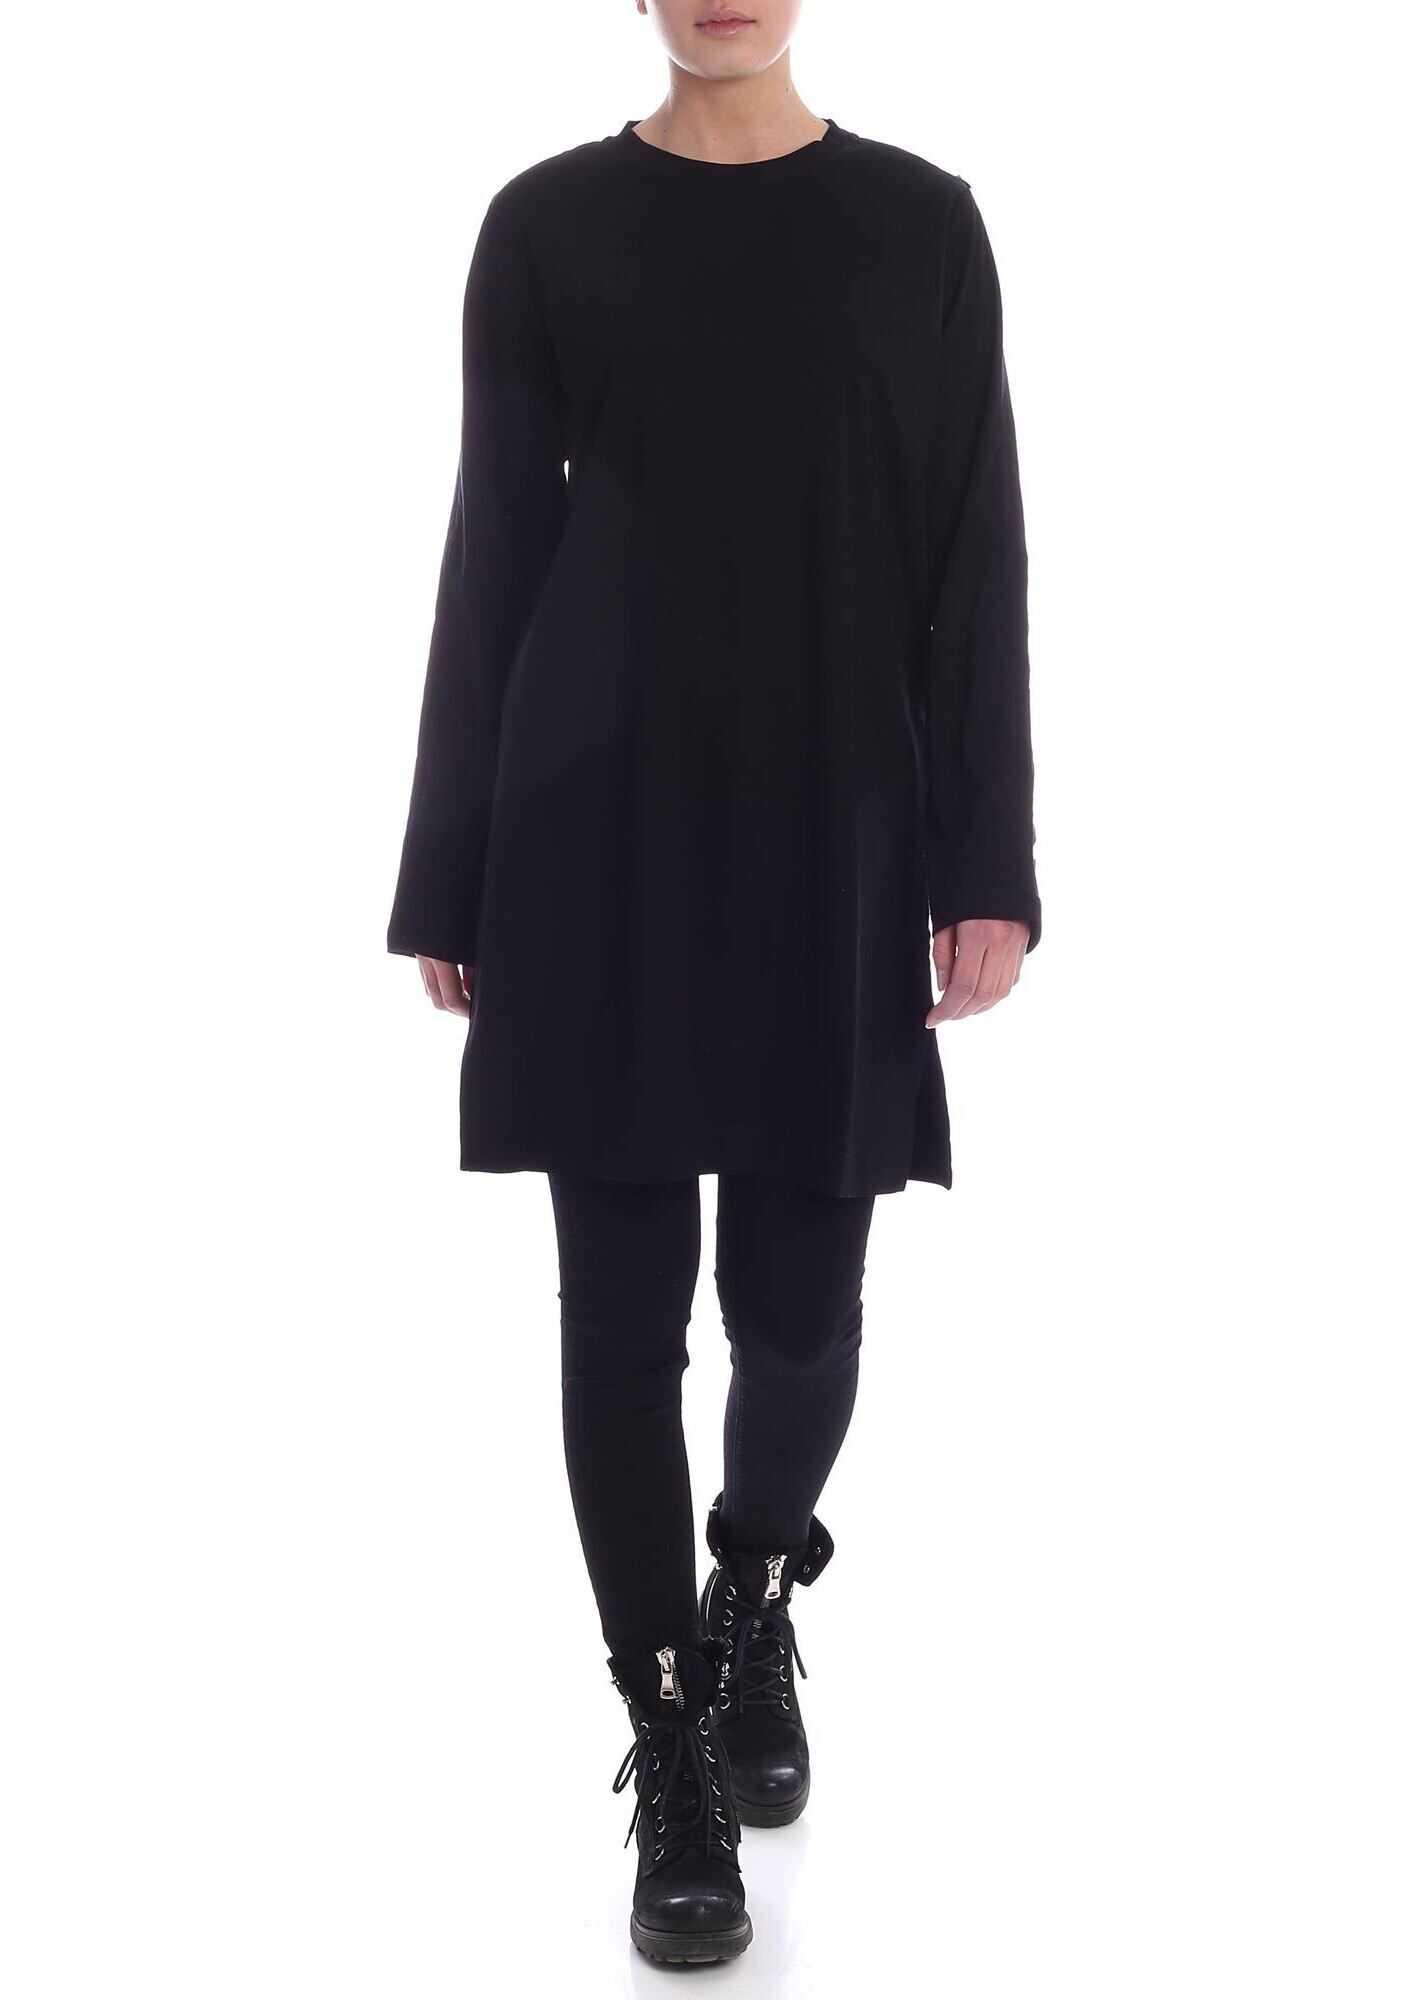 Diesel Rosy Dress In Black Black